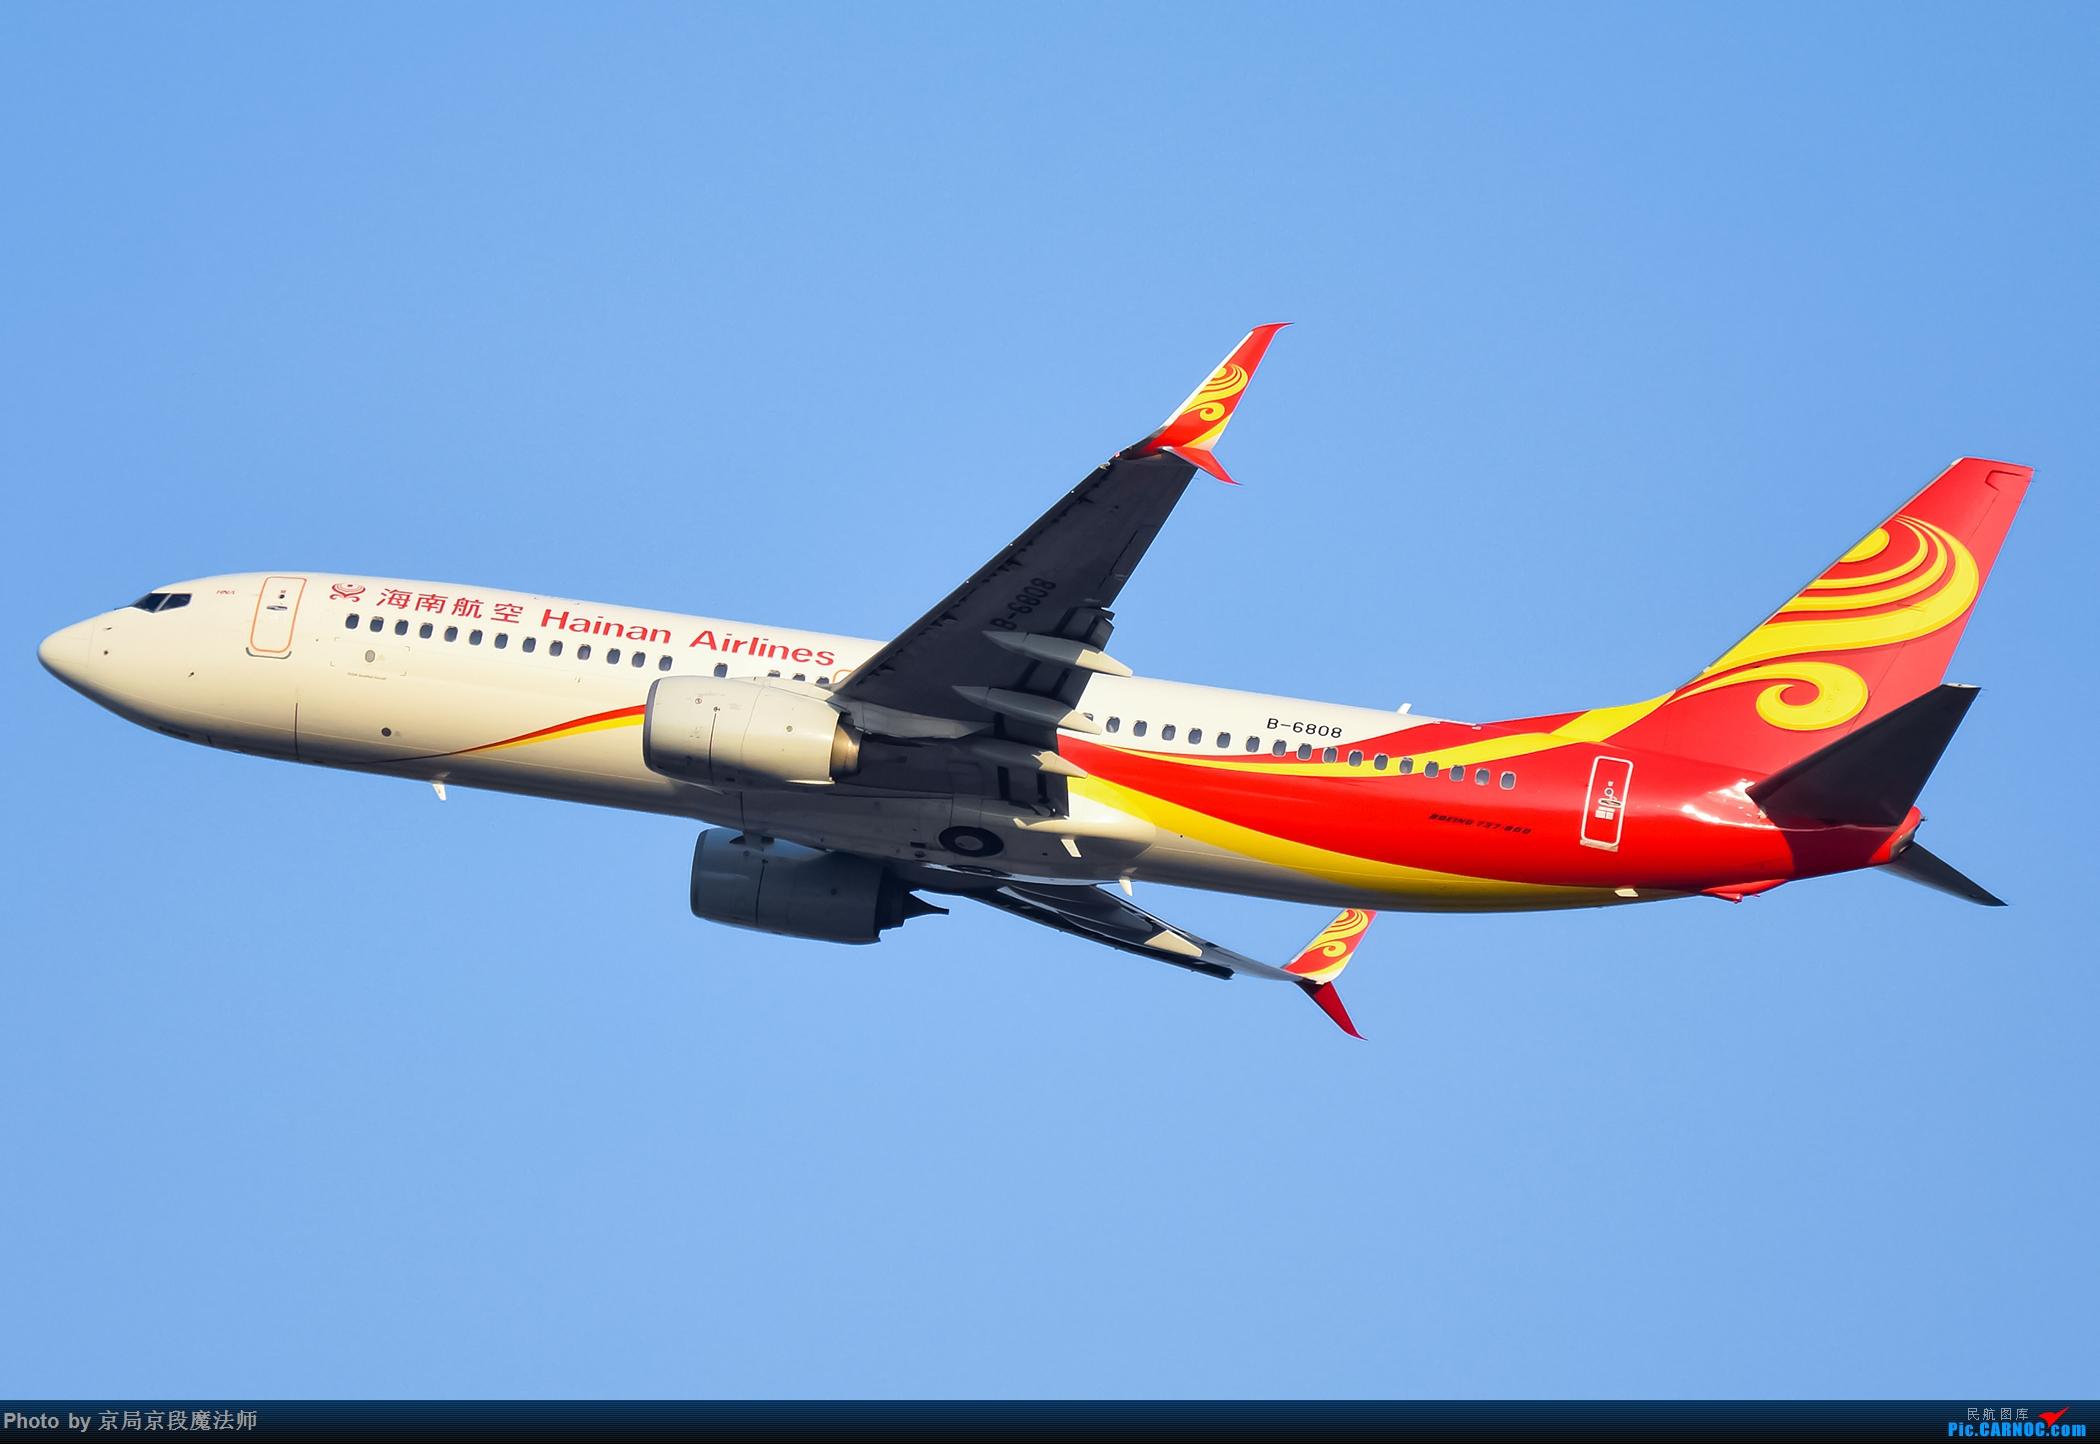 [原创]海南航空波音737-800,加装双鳍小翼 BOEING 737-800 B-6808 长沙黄花国际机场